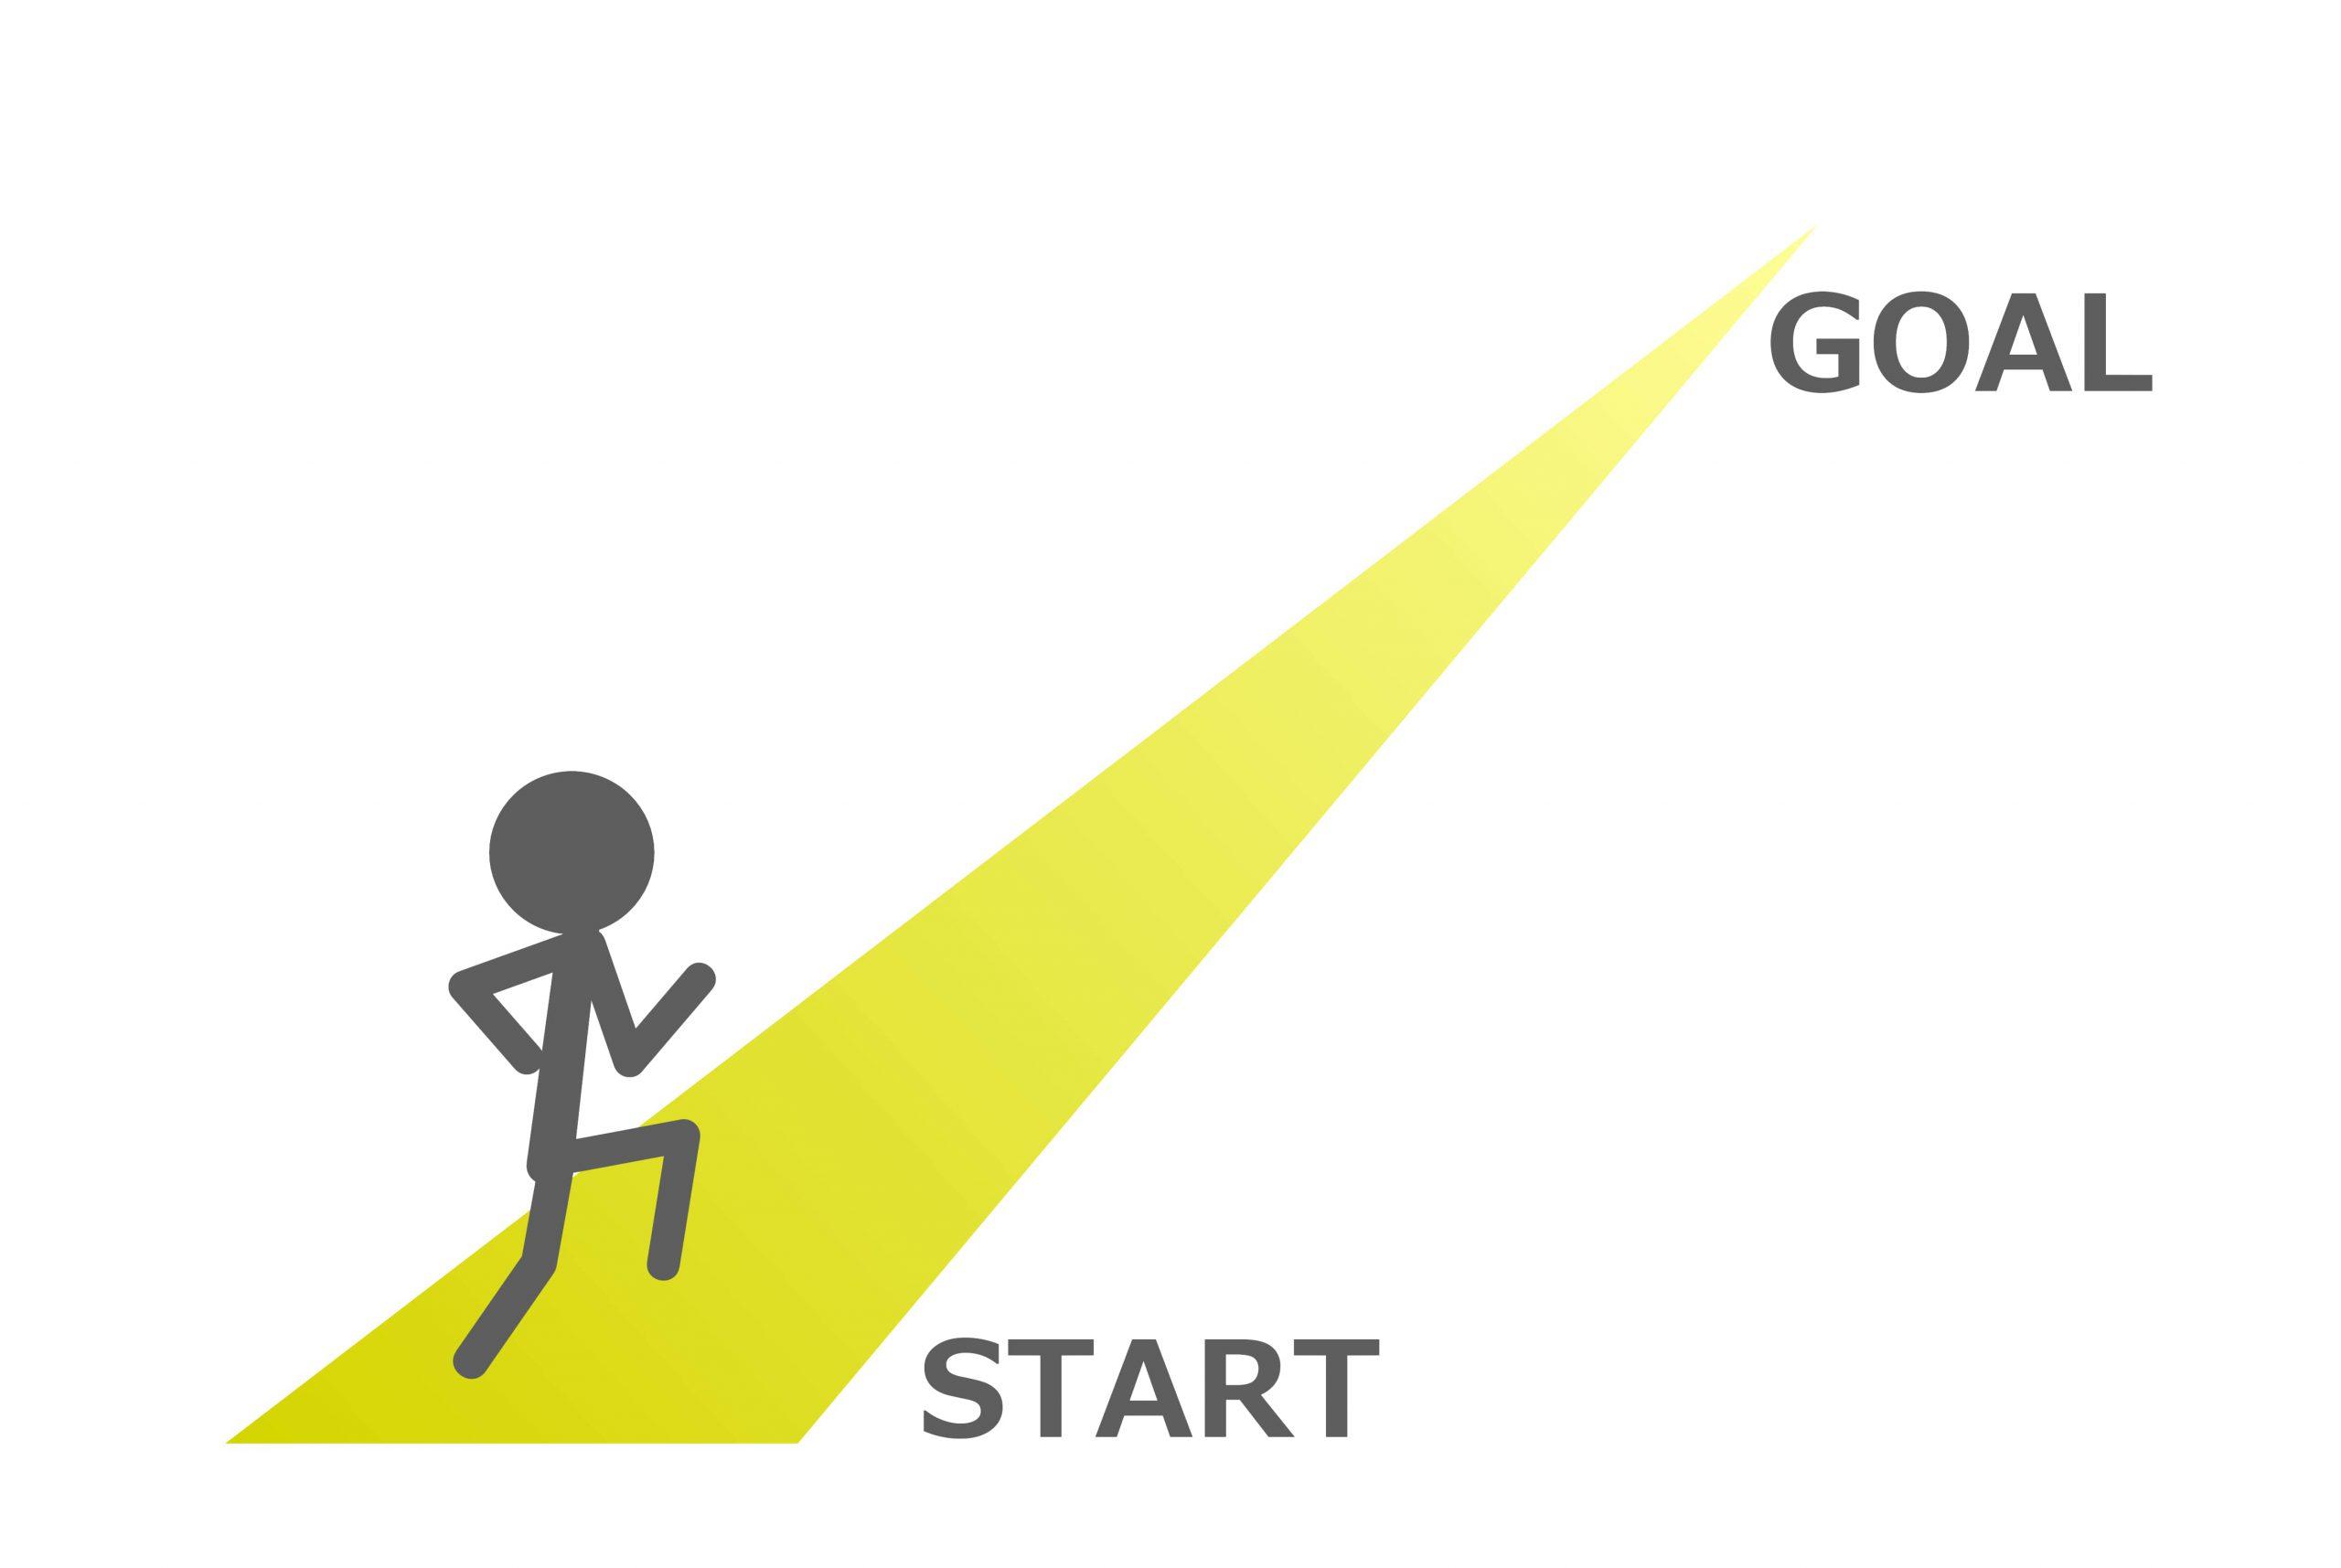 成功するホームページには目的の明確化が必要  